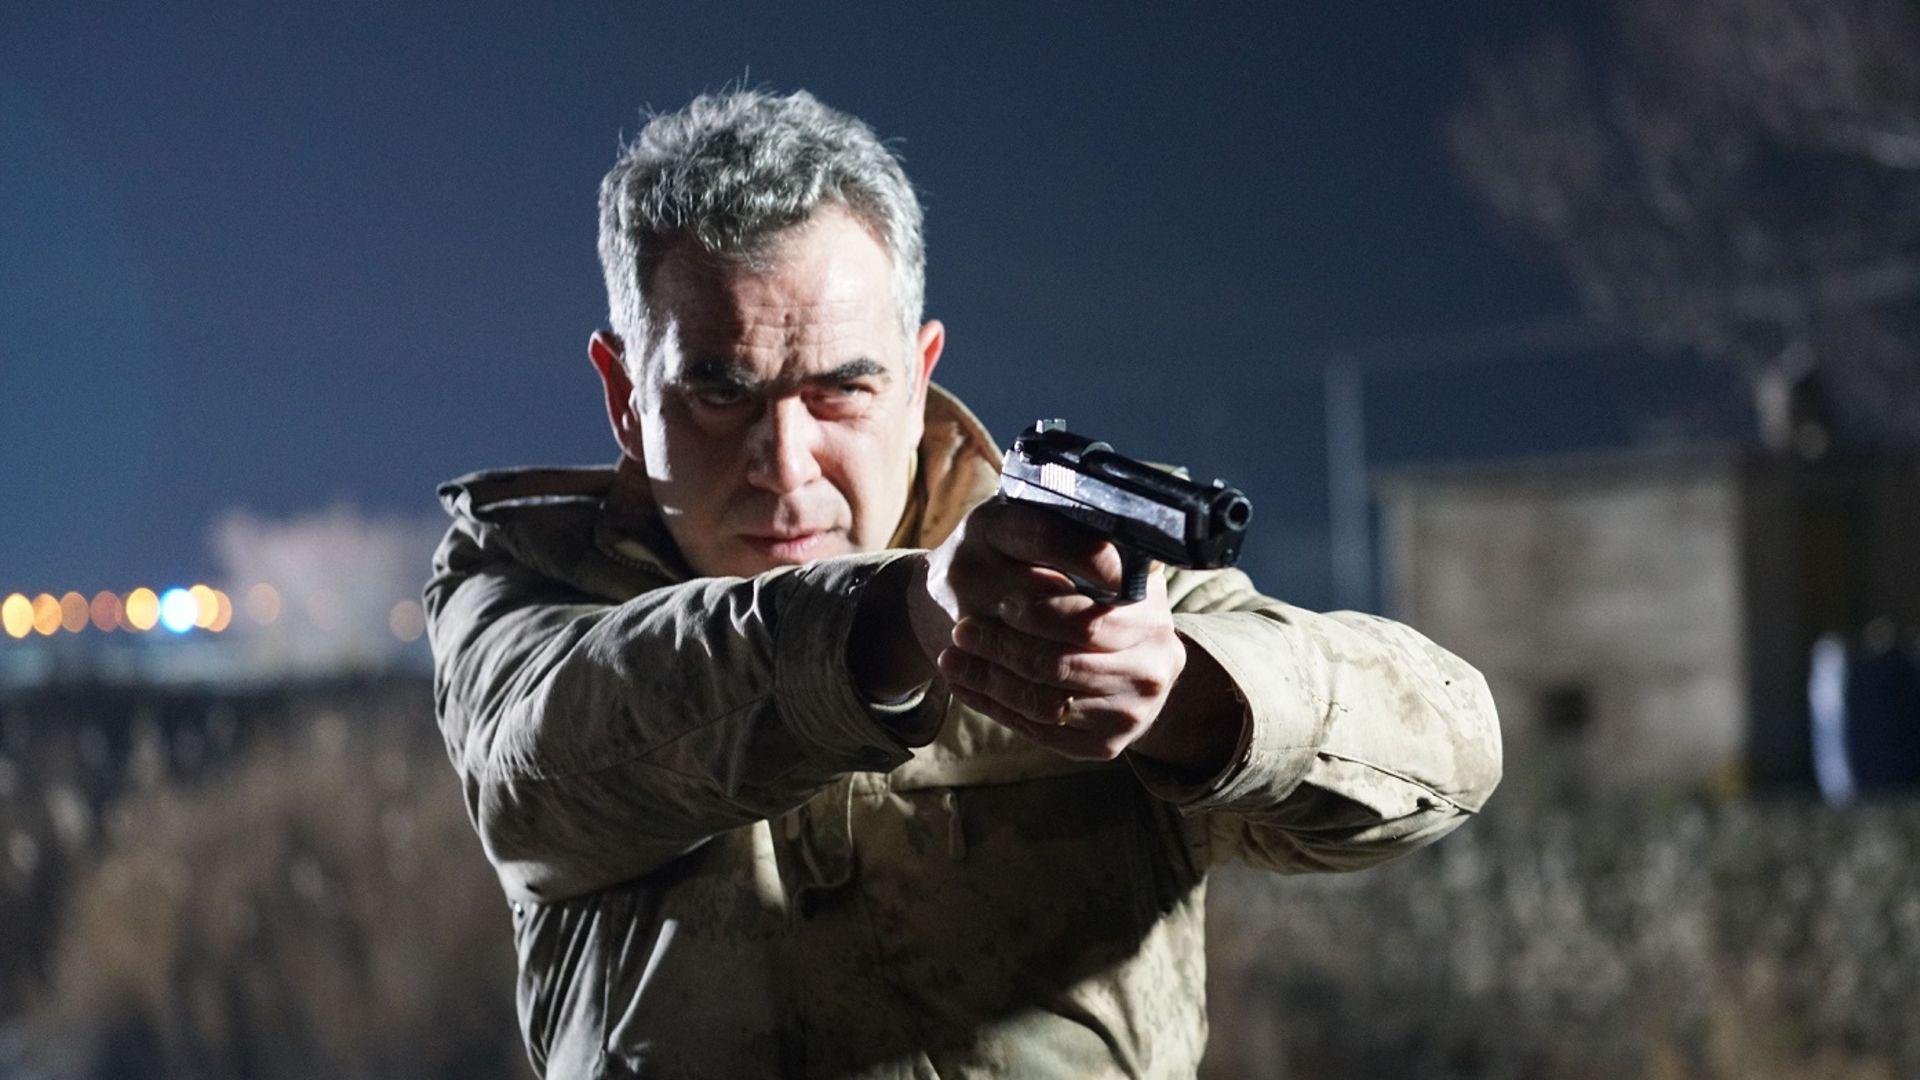 Yurdaer Okur, Jandarma Binbaşı Barış Kalender rolüyle Nöbet'te!